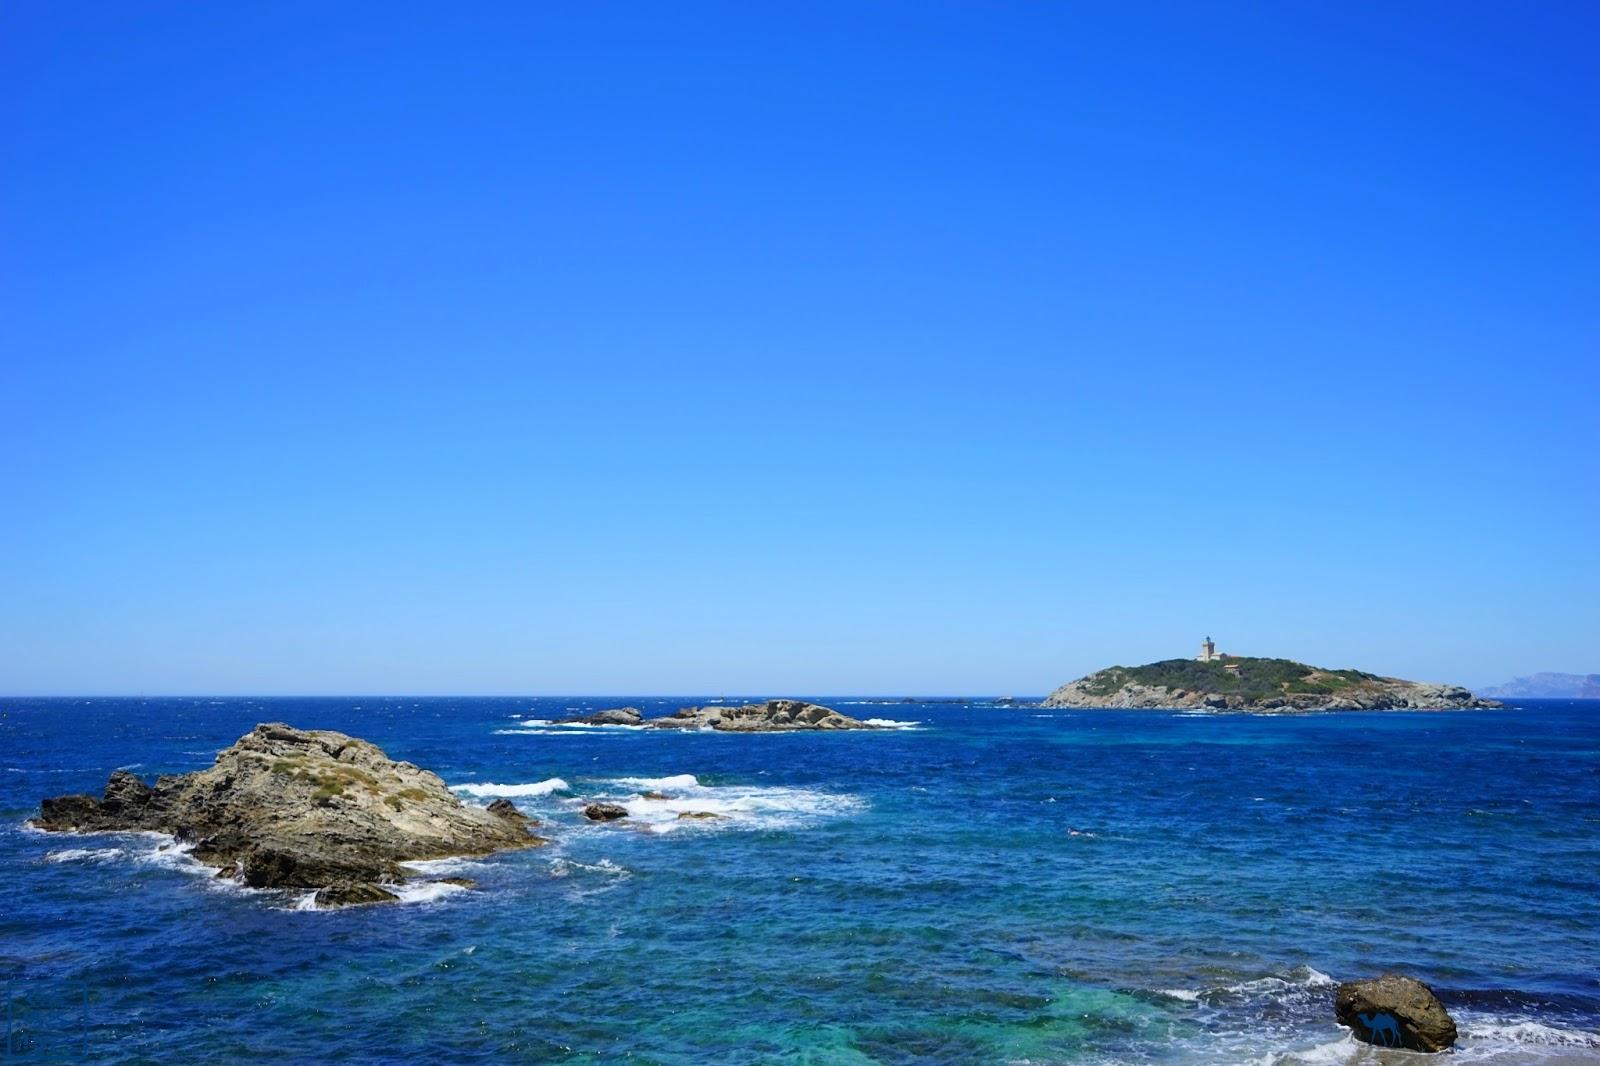 Le Chameau Bleu - Eau bleu de la Méditerranée sur  l'ile des Embiez